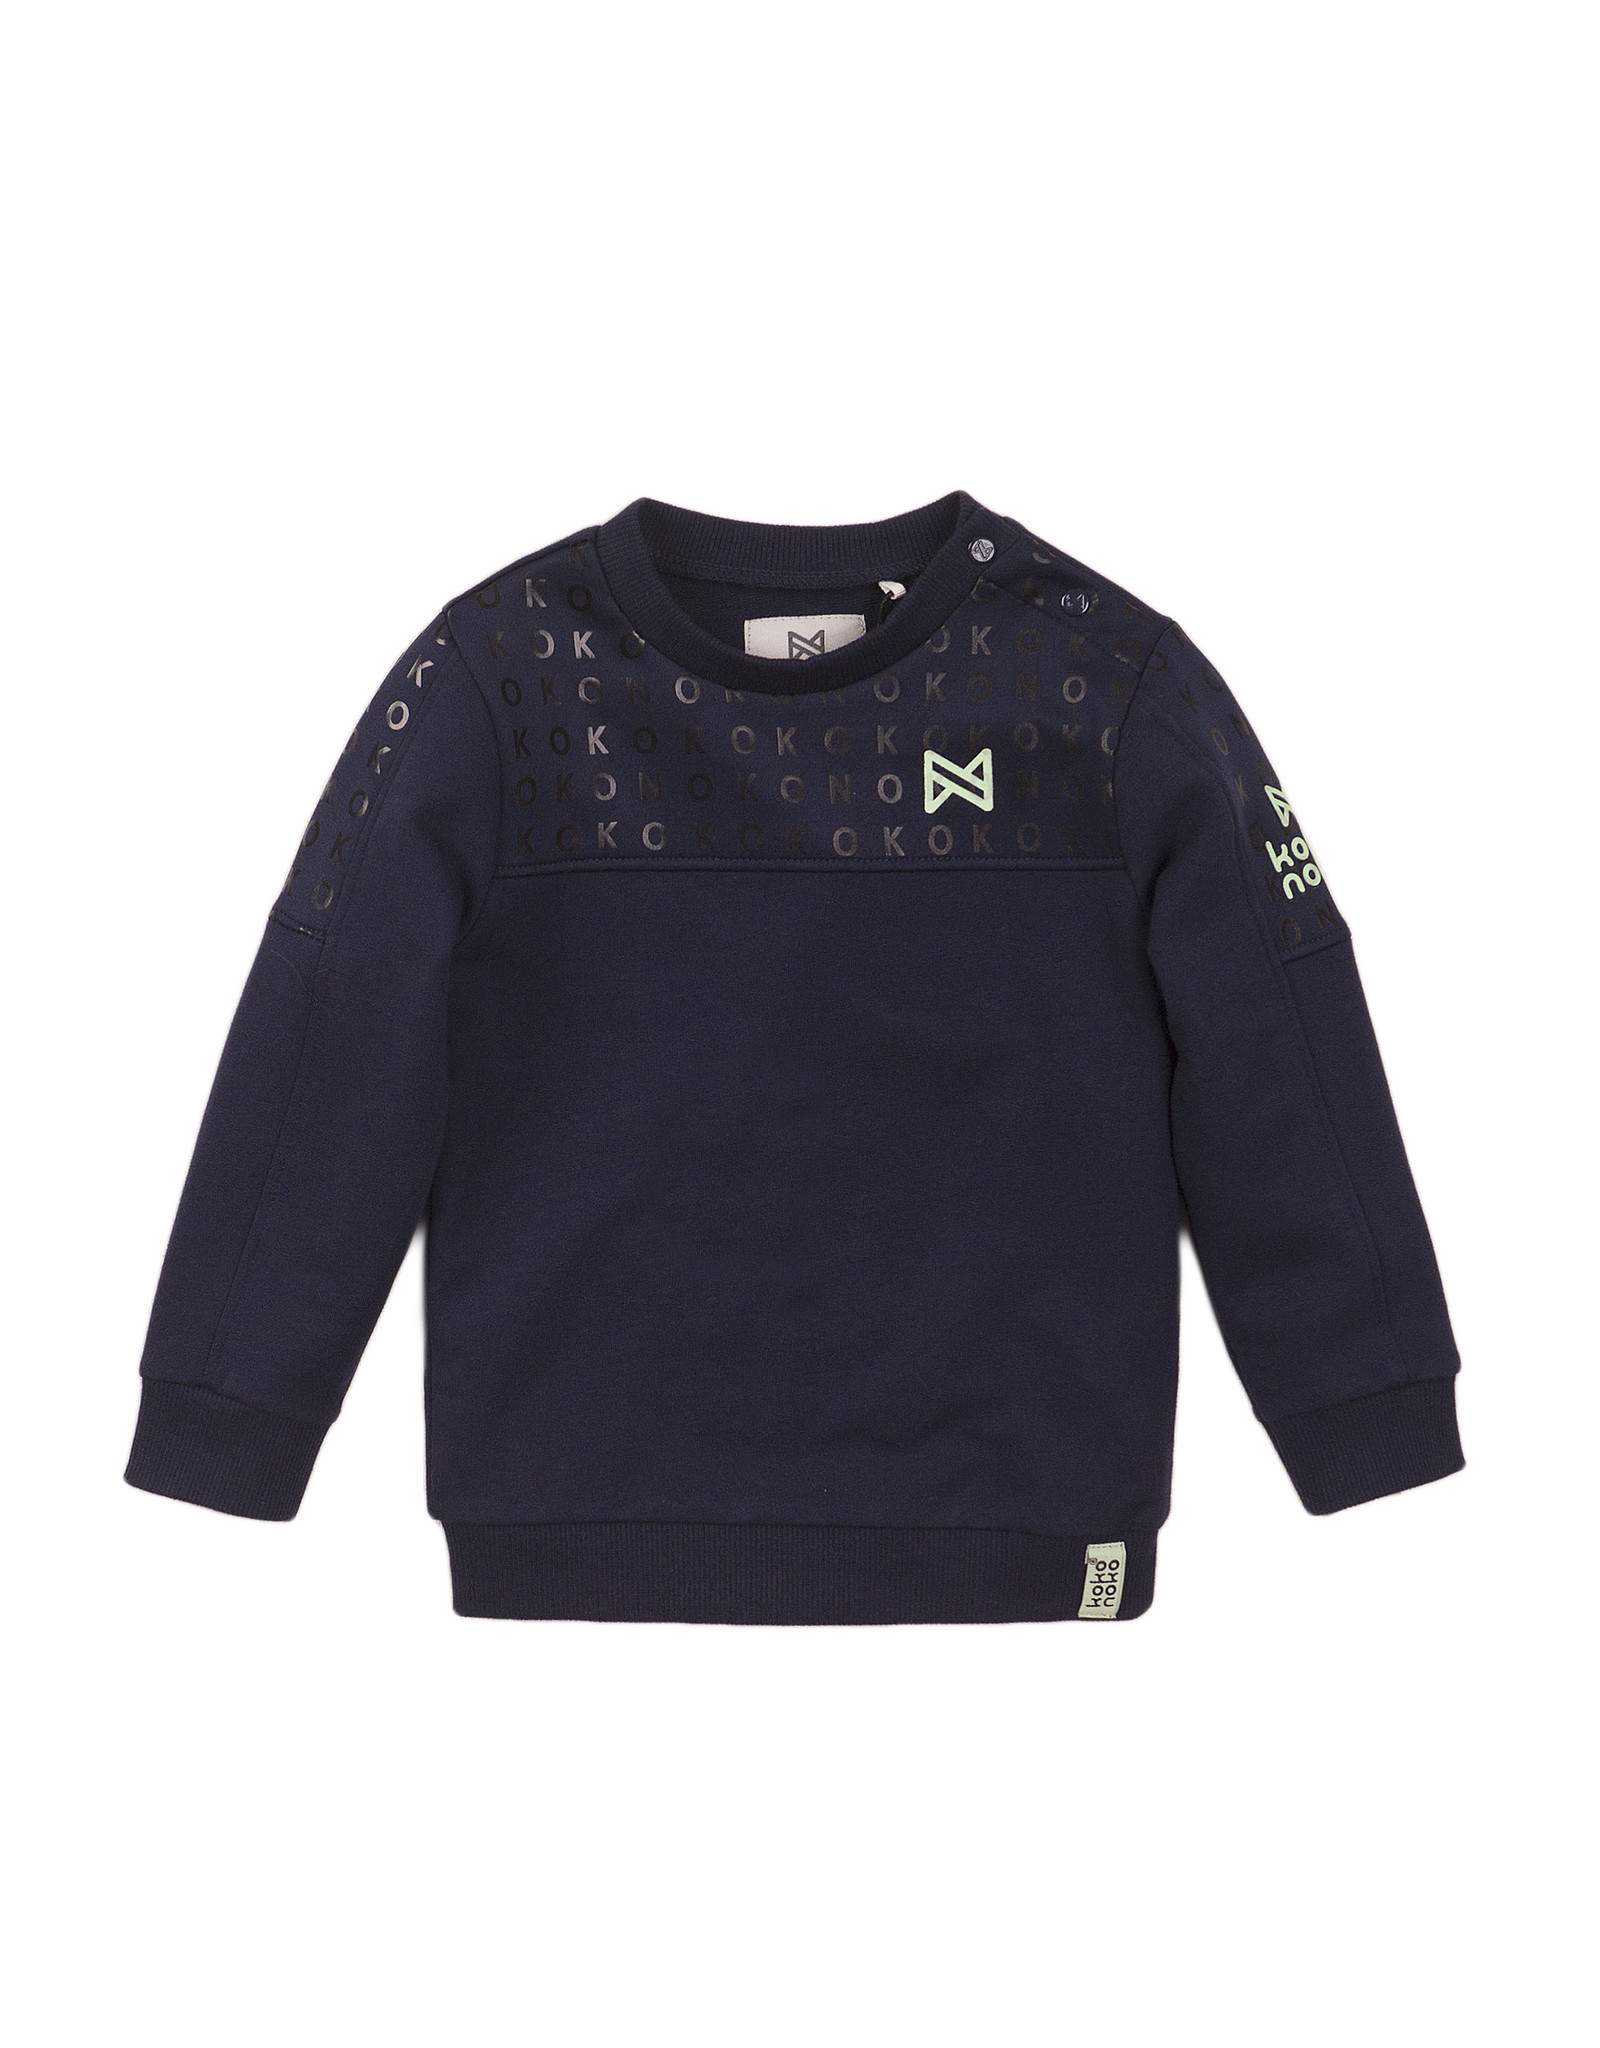 Koko Noko Boys Sweater ls Navy